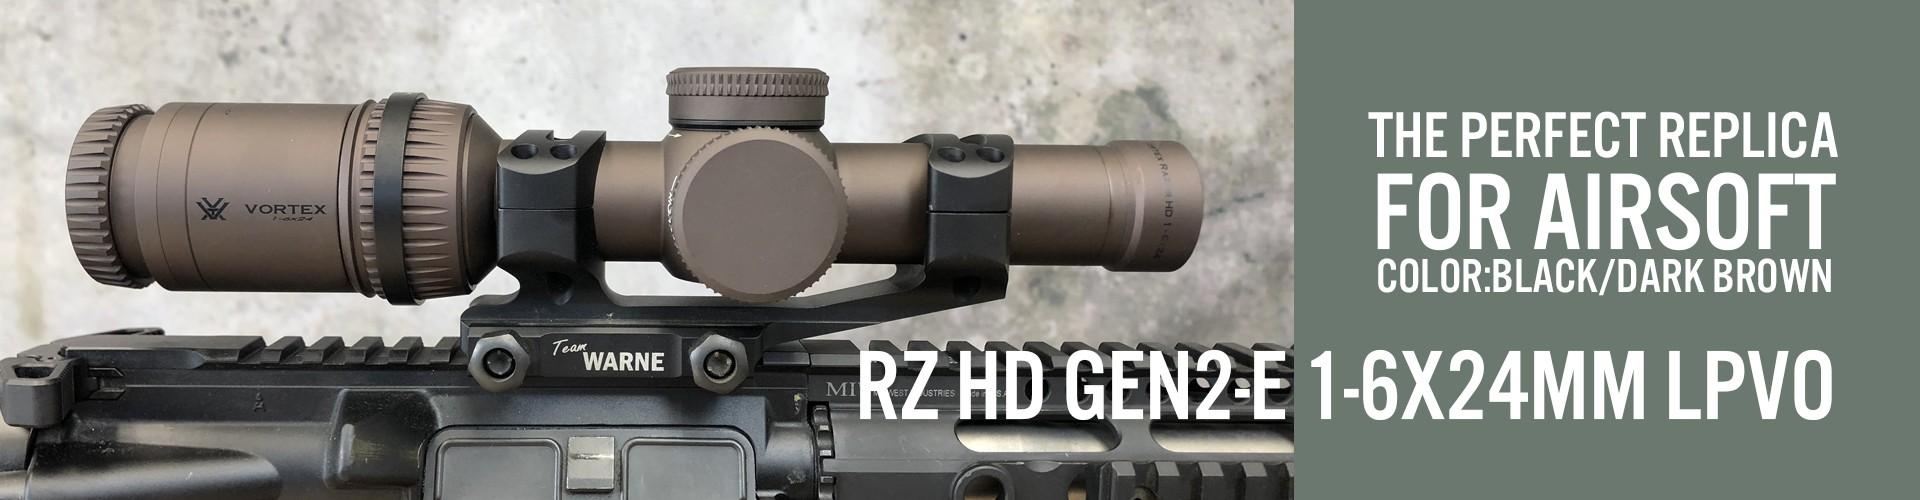 RZ HD GEN2-E 1-6X24mm LPVO